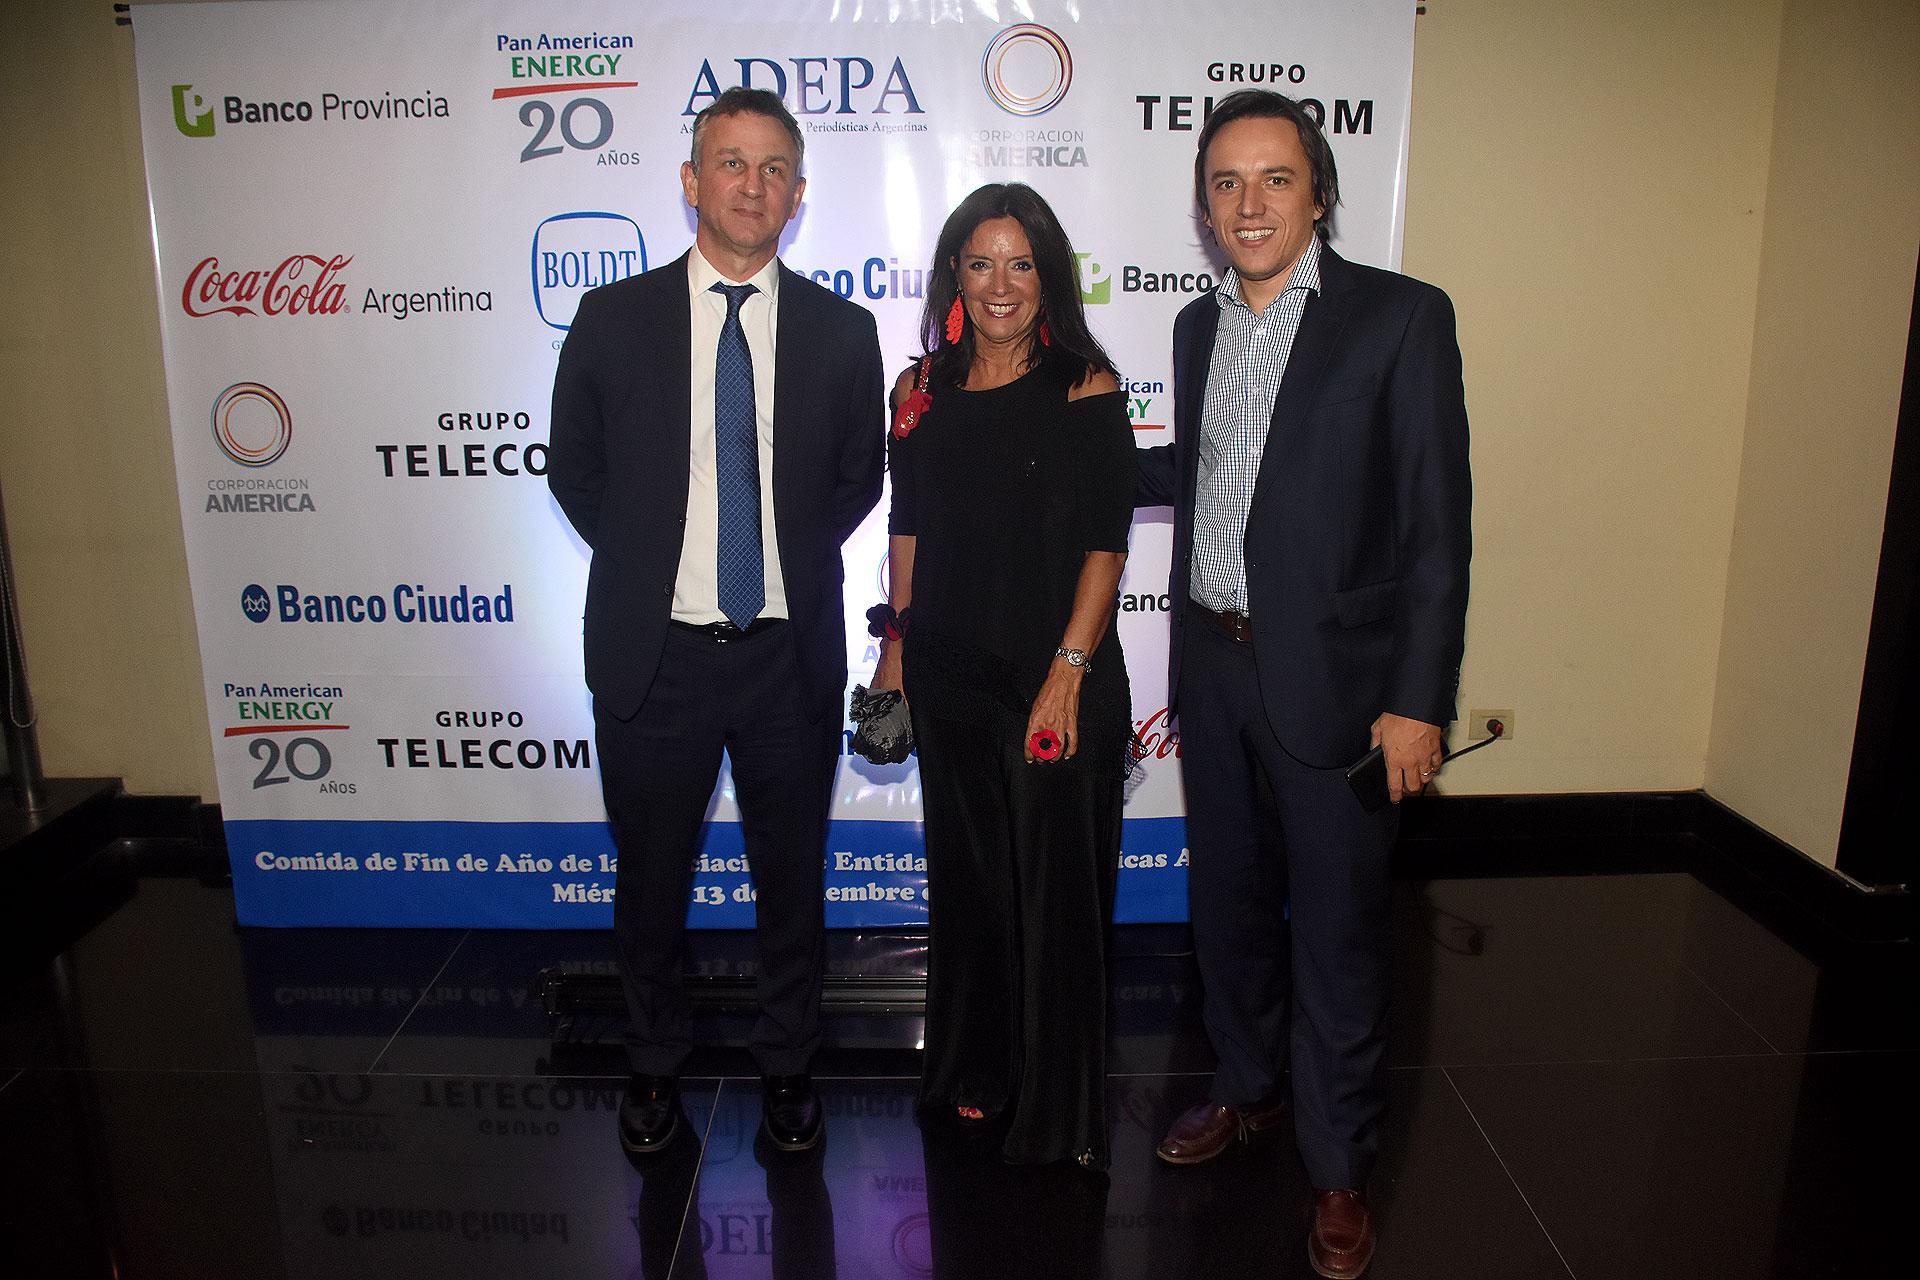 Fernán Saguier y José Del Río (La Nación) junto a Carolina Barros (Corporación América)